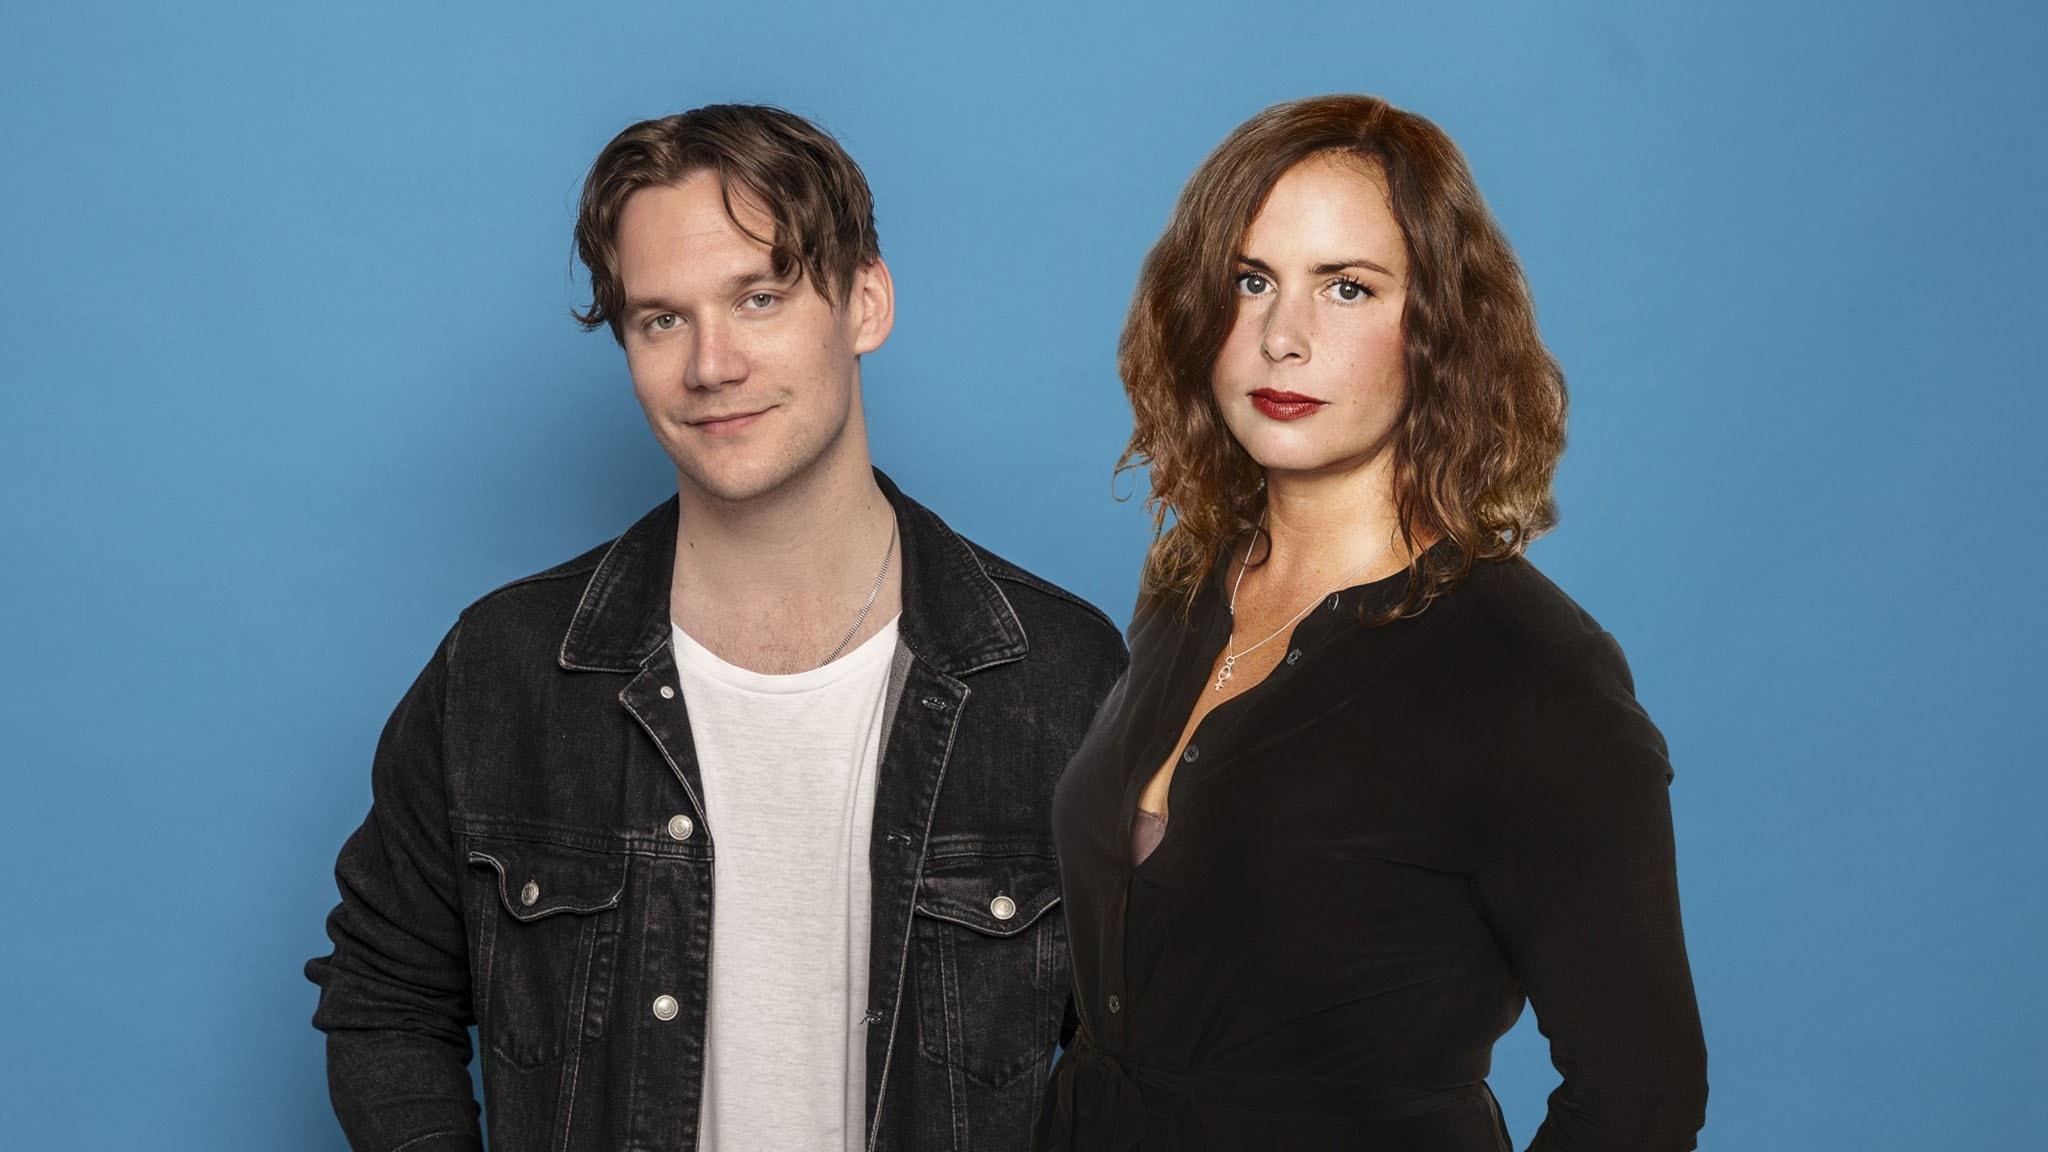 Christopher Garplind och Hanna Hellquist framför blå bakgrund